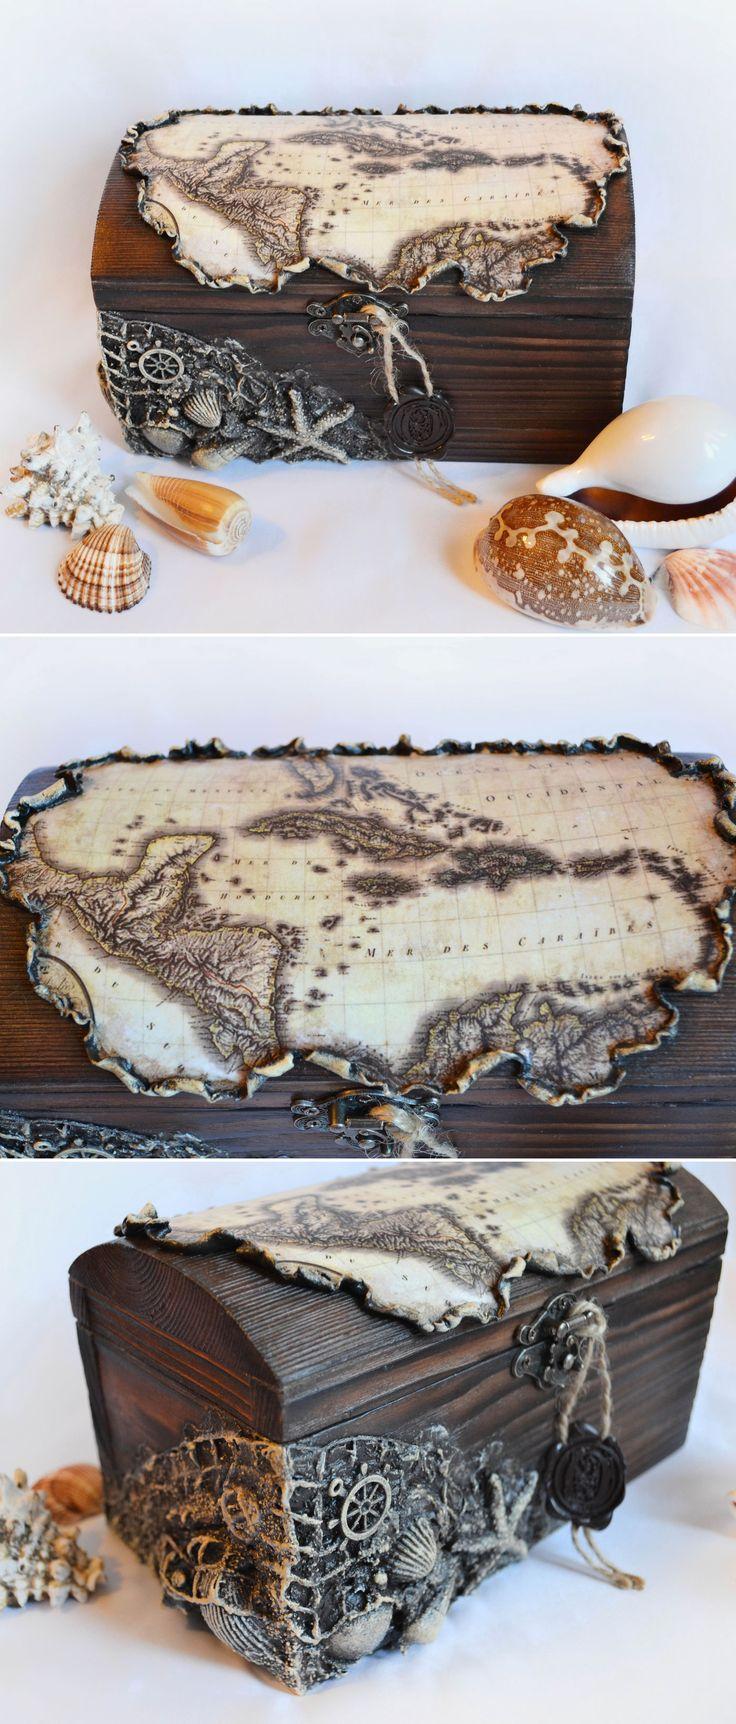 Wooden Decoupage Trunk | Деревянный сундук «Морская карта» — Купить, заказать, сундук, винтаж, дерево, сосна, полимерная глина, морской, карта, декупаж, ракушка